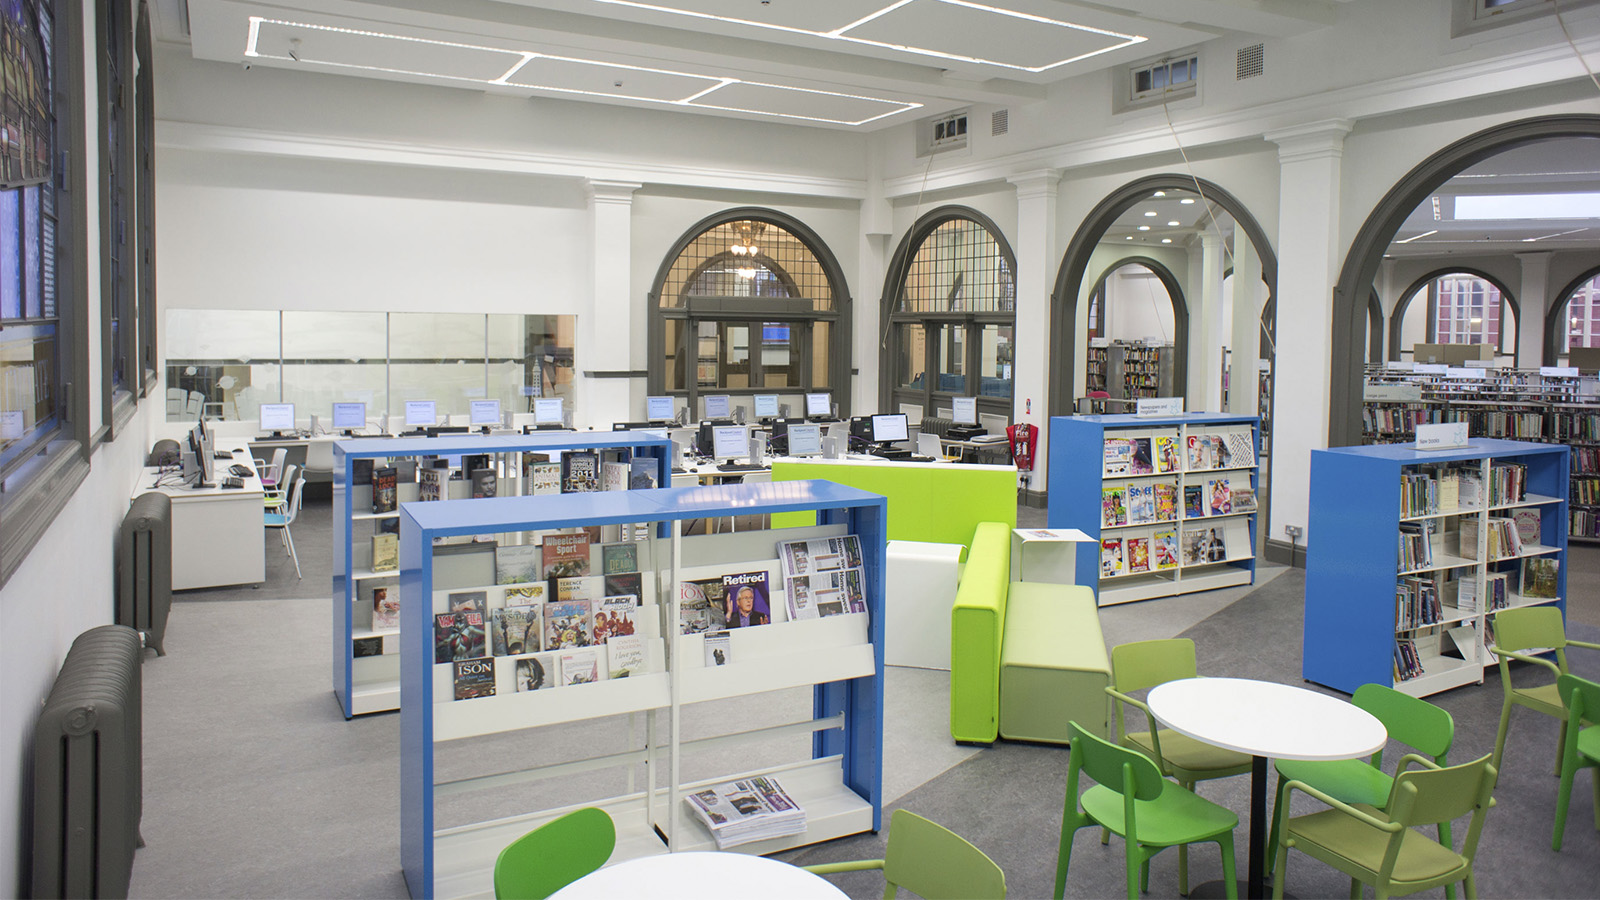 Blackpool stadsbibliotek, England